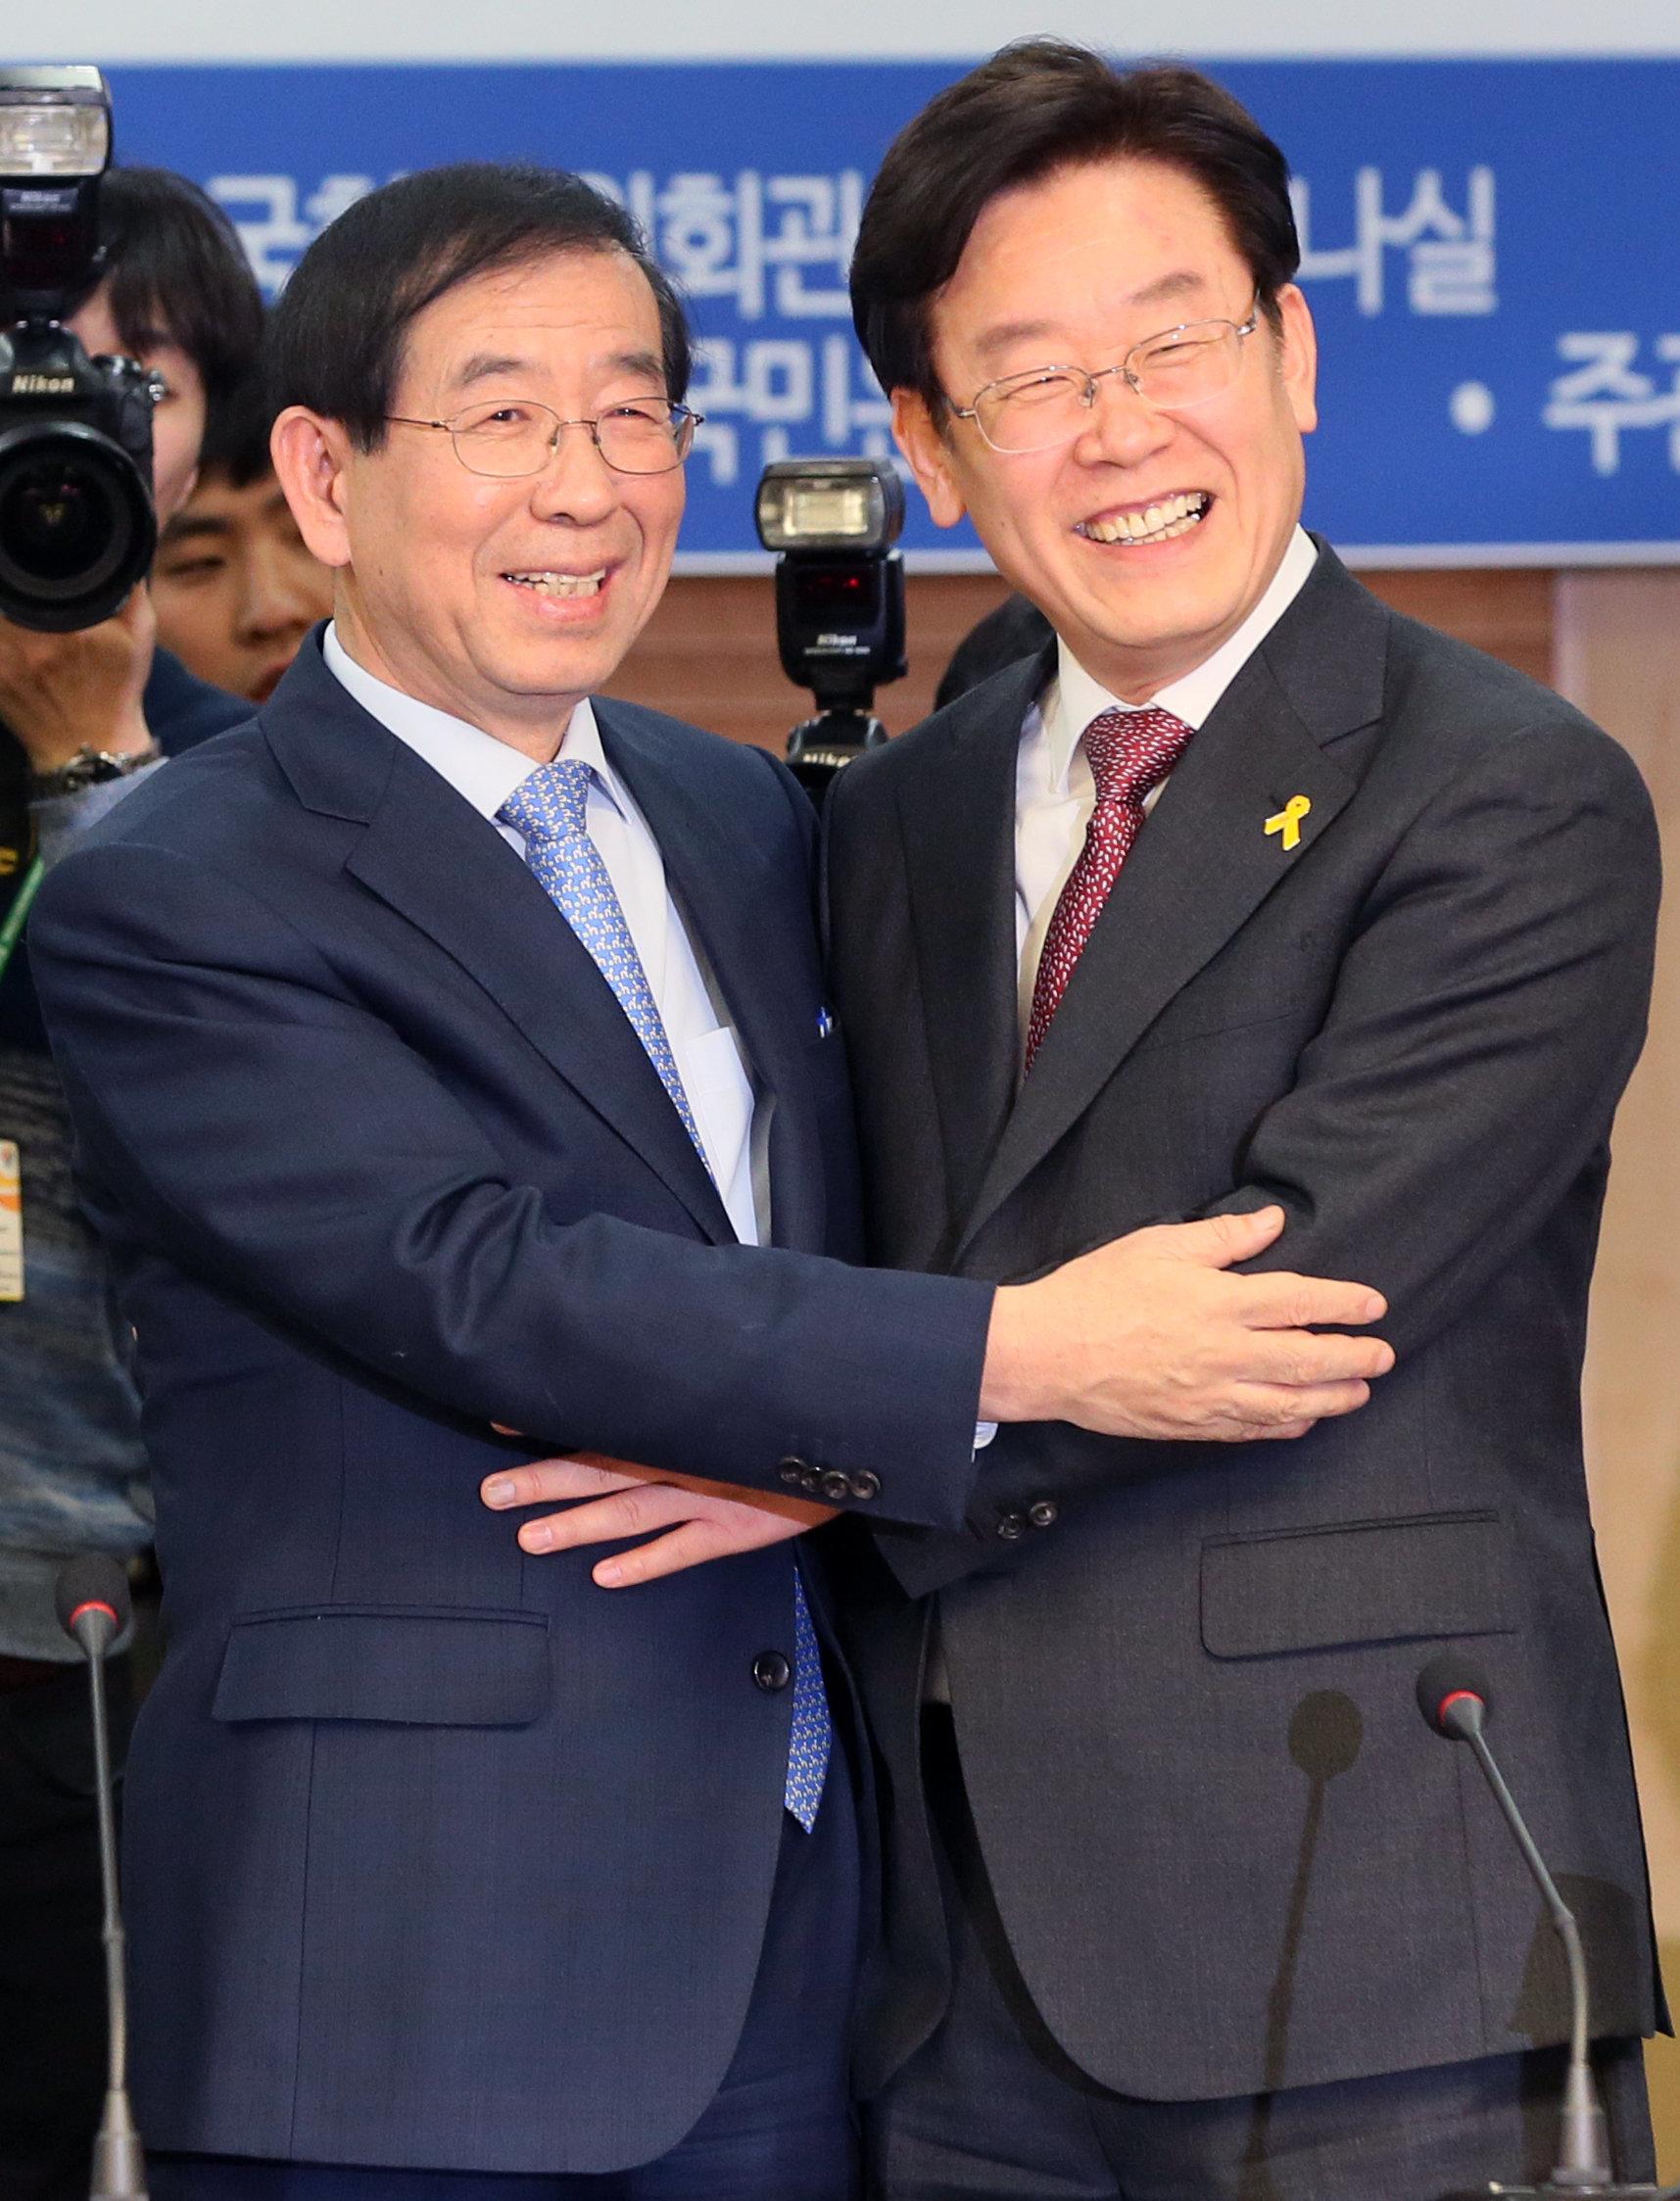 박원순과 이재명이 더불어민주당의 6월 지방선거 후보로